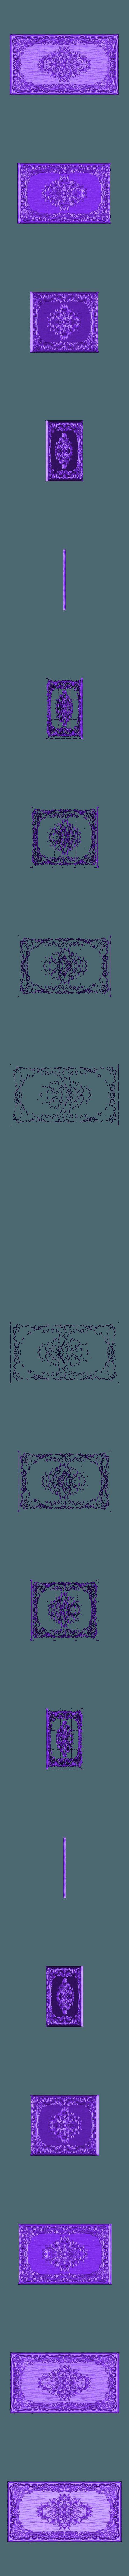 441.stl Télécharger fichier STL gratuit Couverture de livre art médiéval • Plan à imprimer en 3D, 3DPrinterFiles